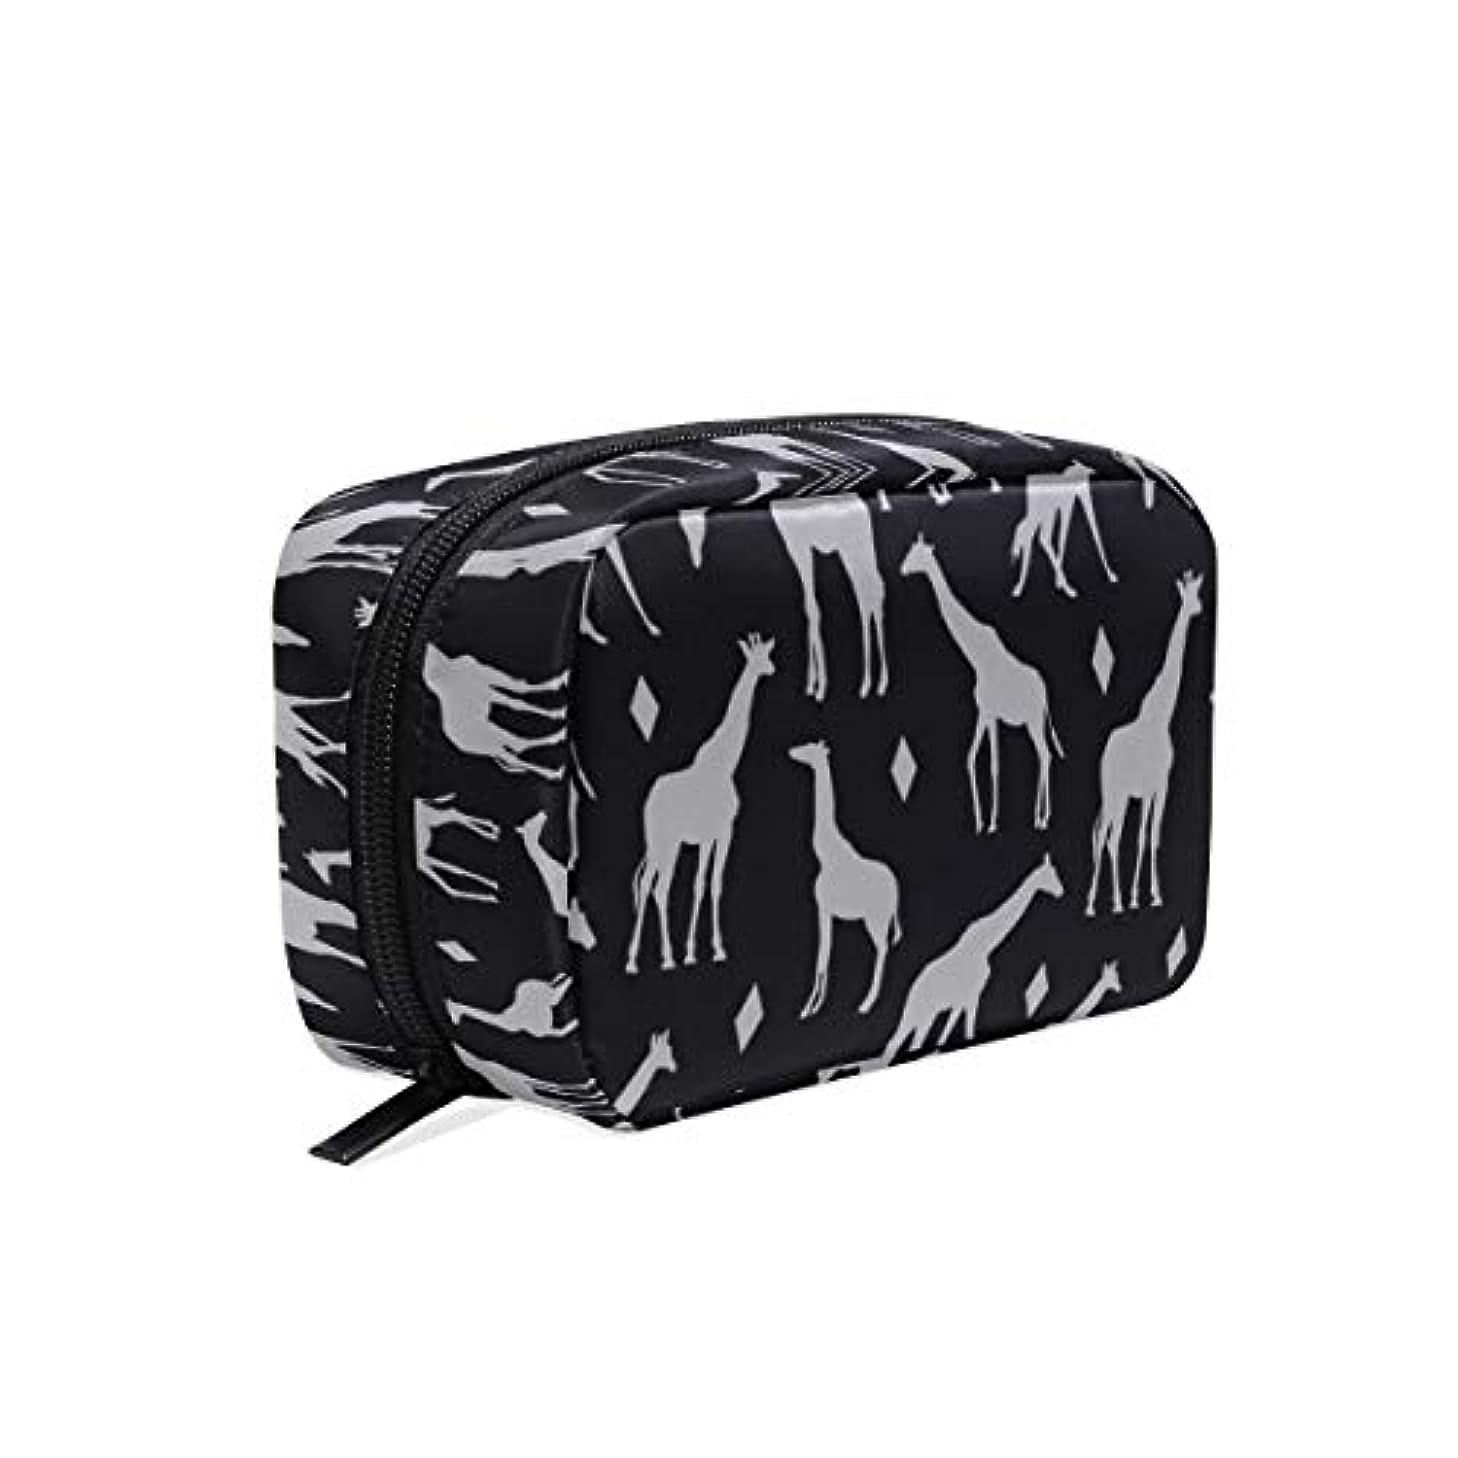 称賛タワー分類キリン柄 グレイ 化粧ポーチ メイクポーチ 機能的 大容量 化粧品収納 小物入れ 普段使い 出張 旅行 メイク ブラシ バッグ 化粧バッグ